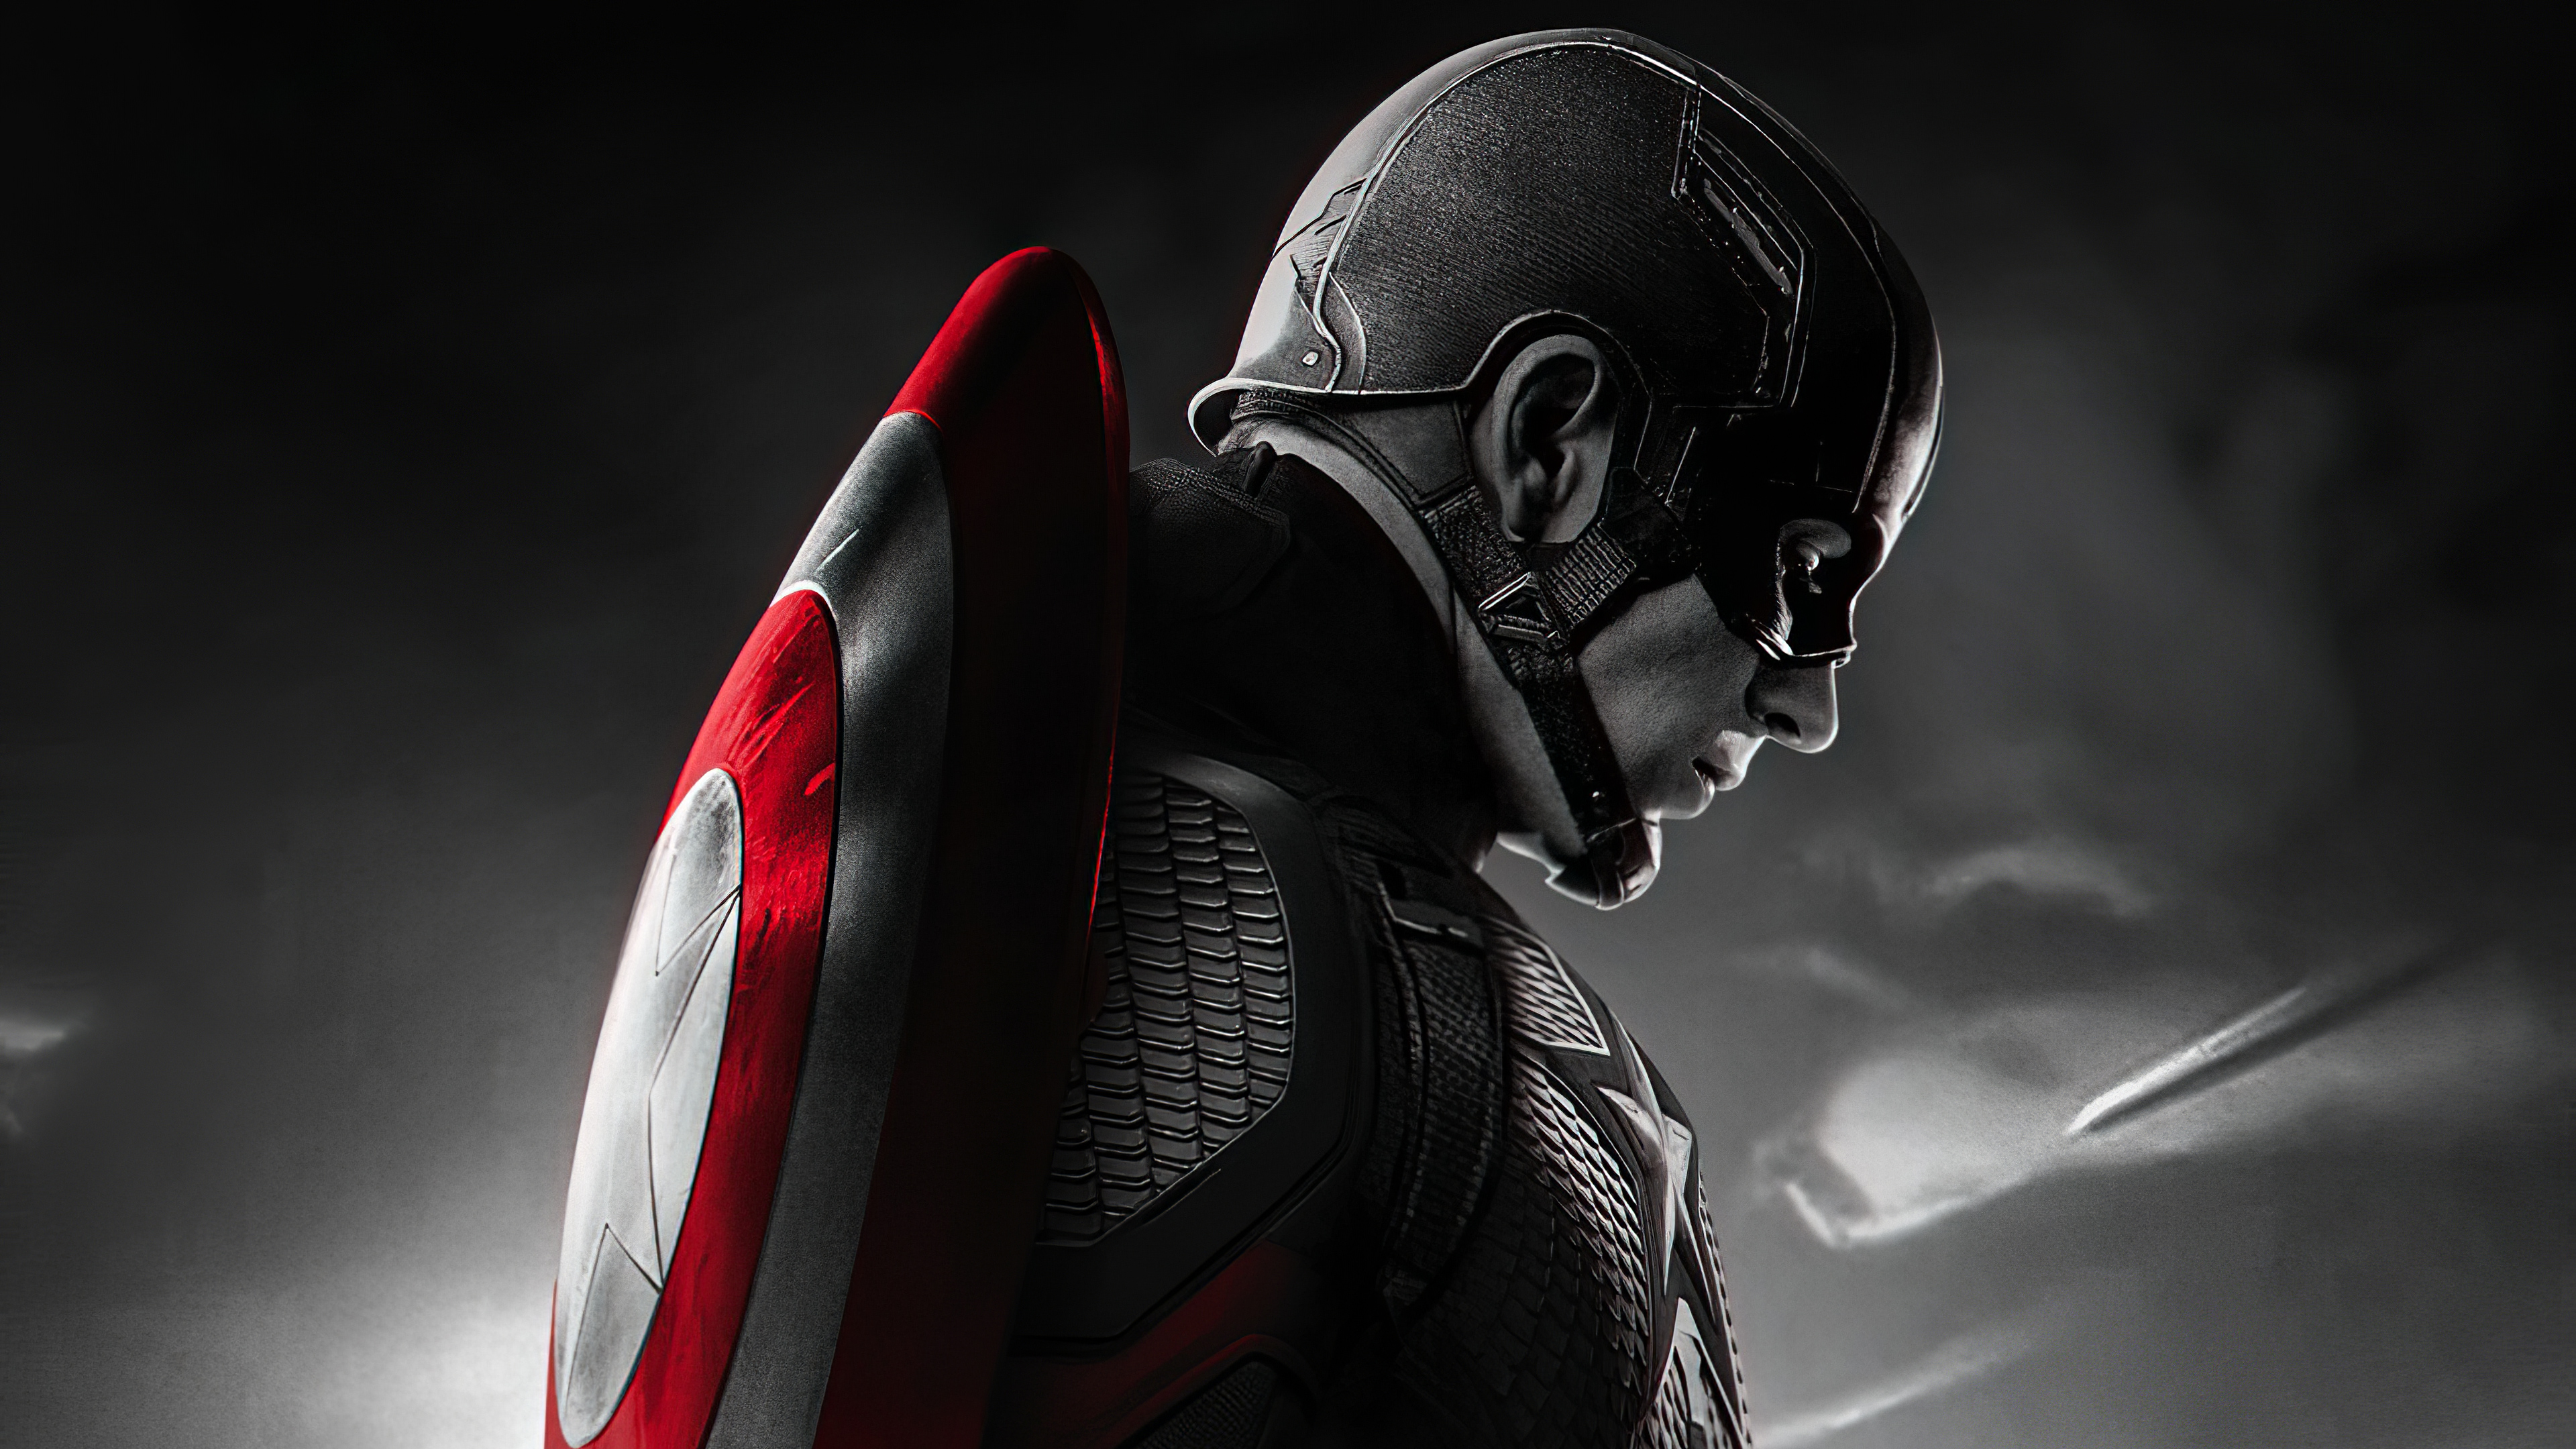 Fondos de pantalla Capitan America en escala de grises y rojo